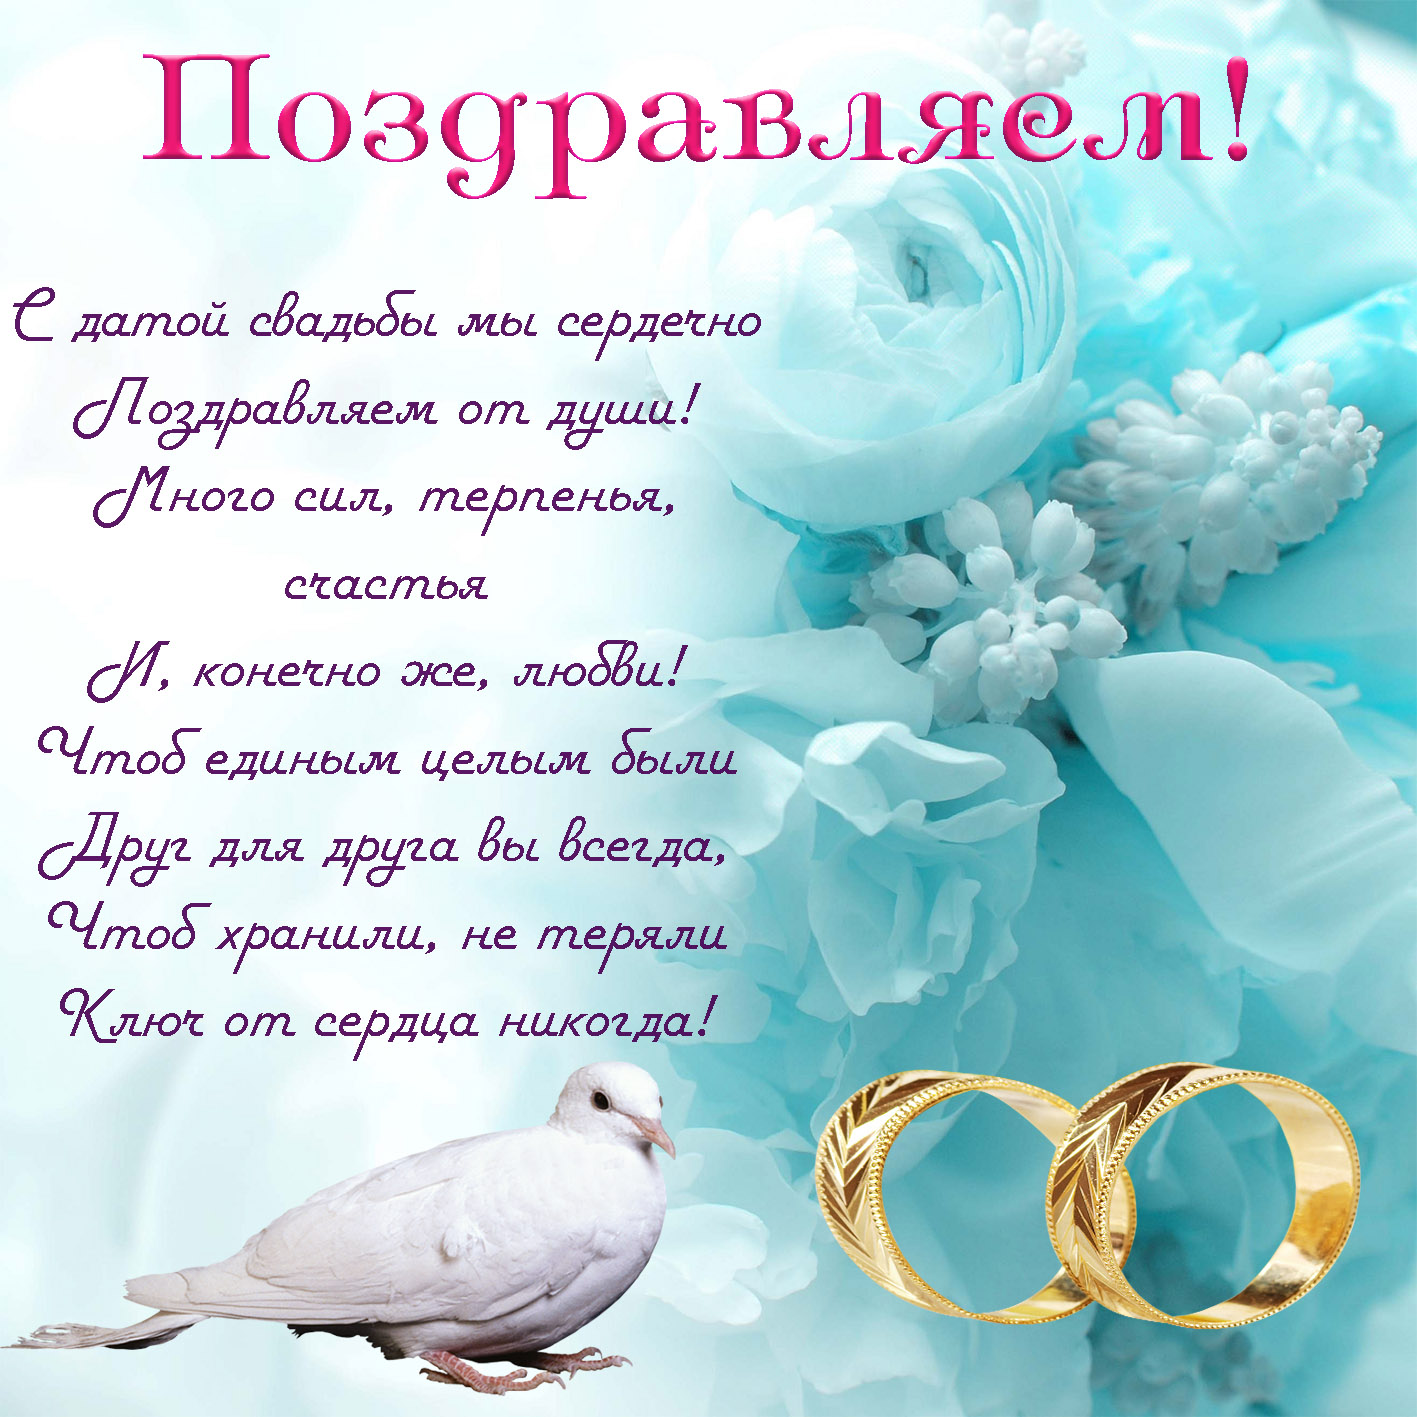 С 28 годовщиной свадьбы картинки с пожеланиями очень красивые, мерлин монро днем